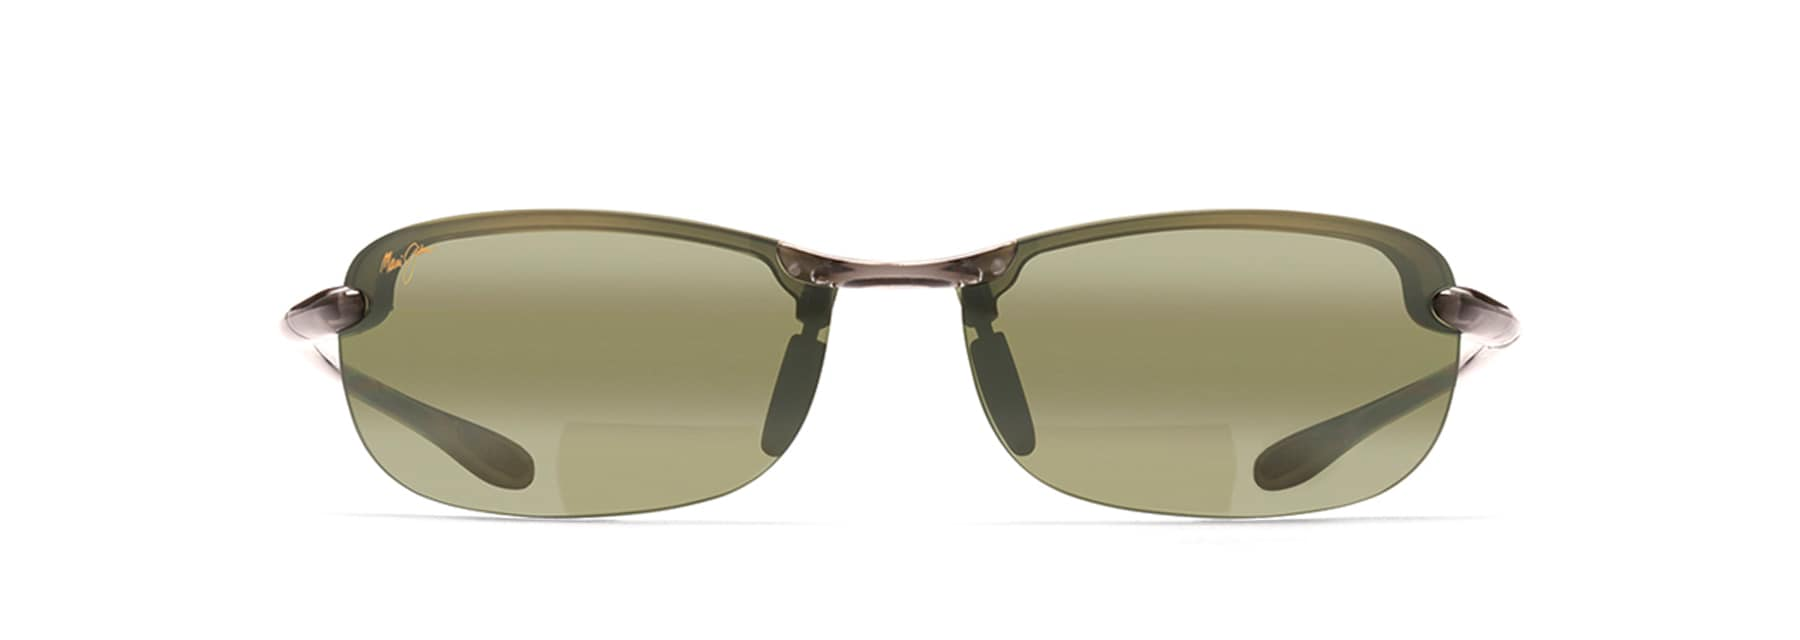 2bbcd3756a85 Makaha Reader Polarized Sunglasses